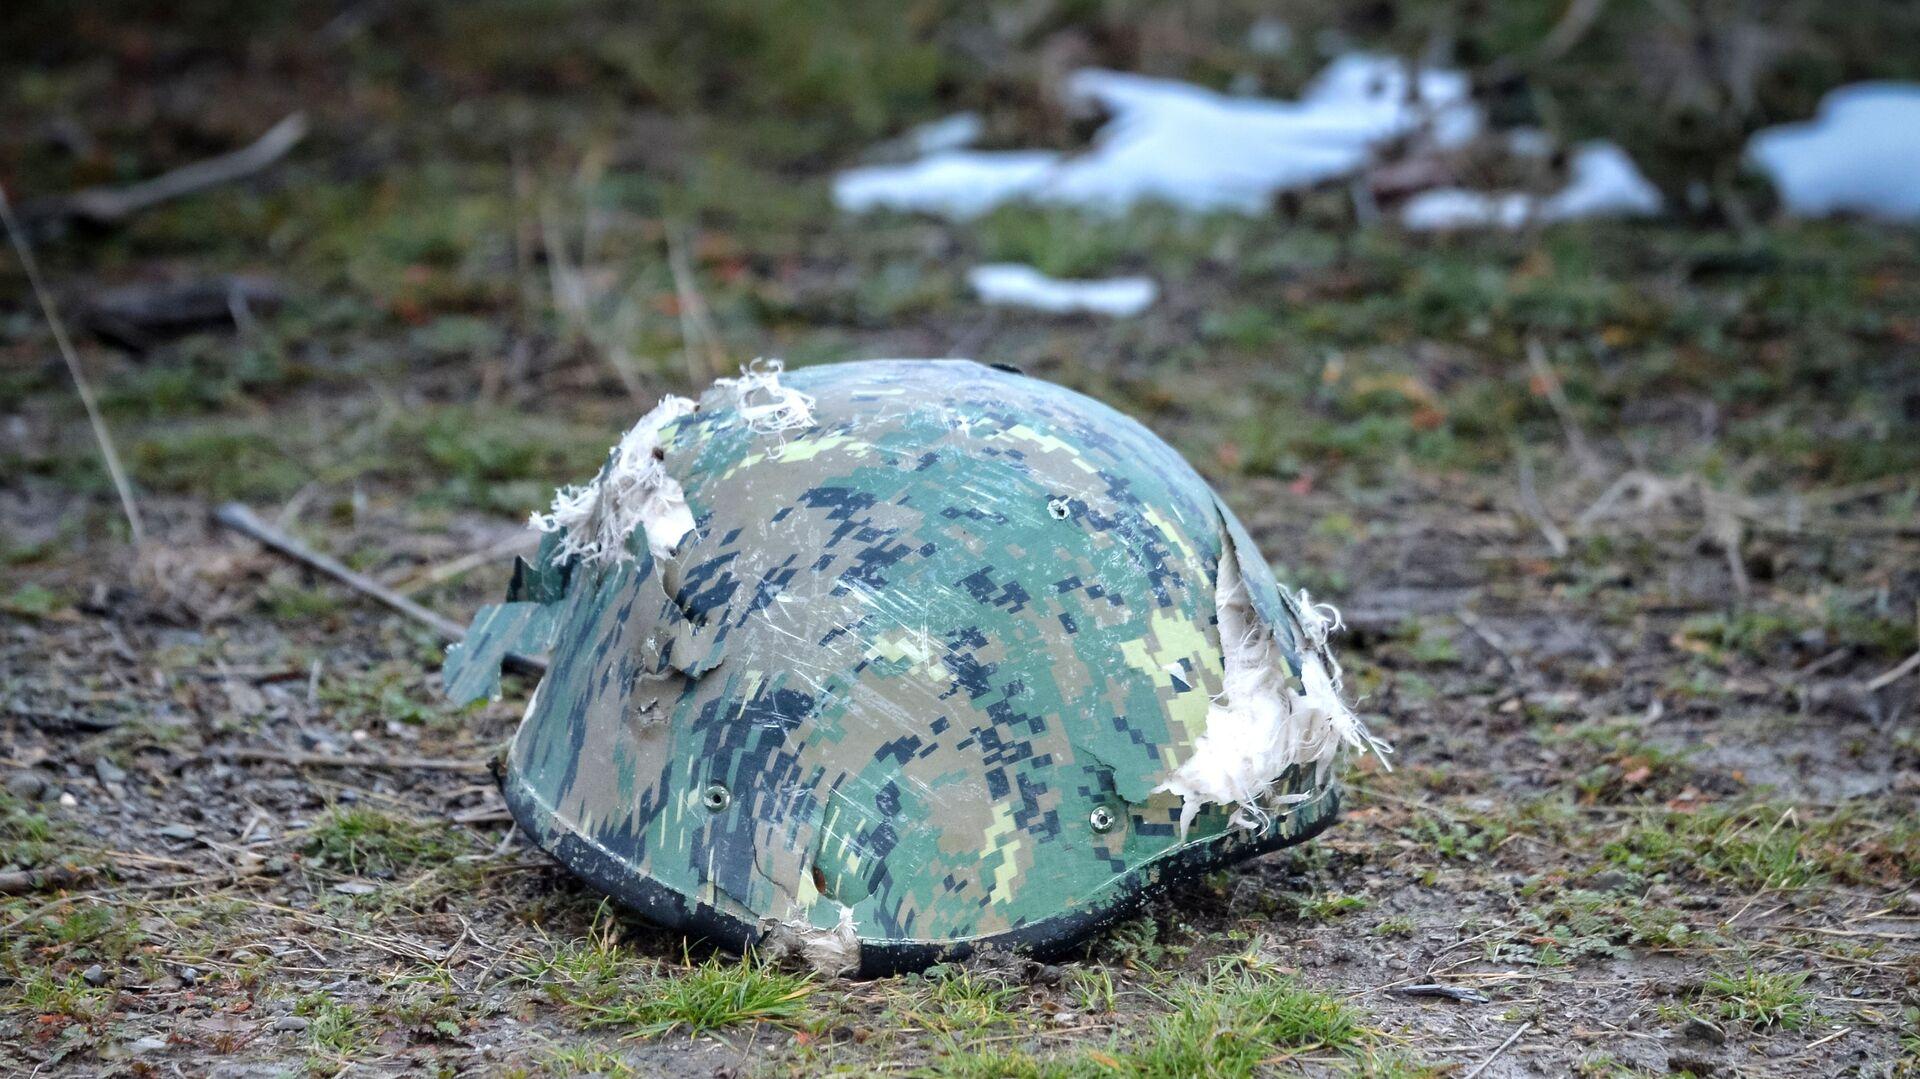 Защитный шлем азербайджанского военнослужащего. - Sputnik Արմենիա, 1920, 31.07.2021